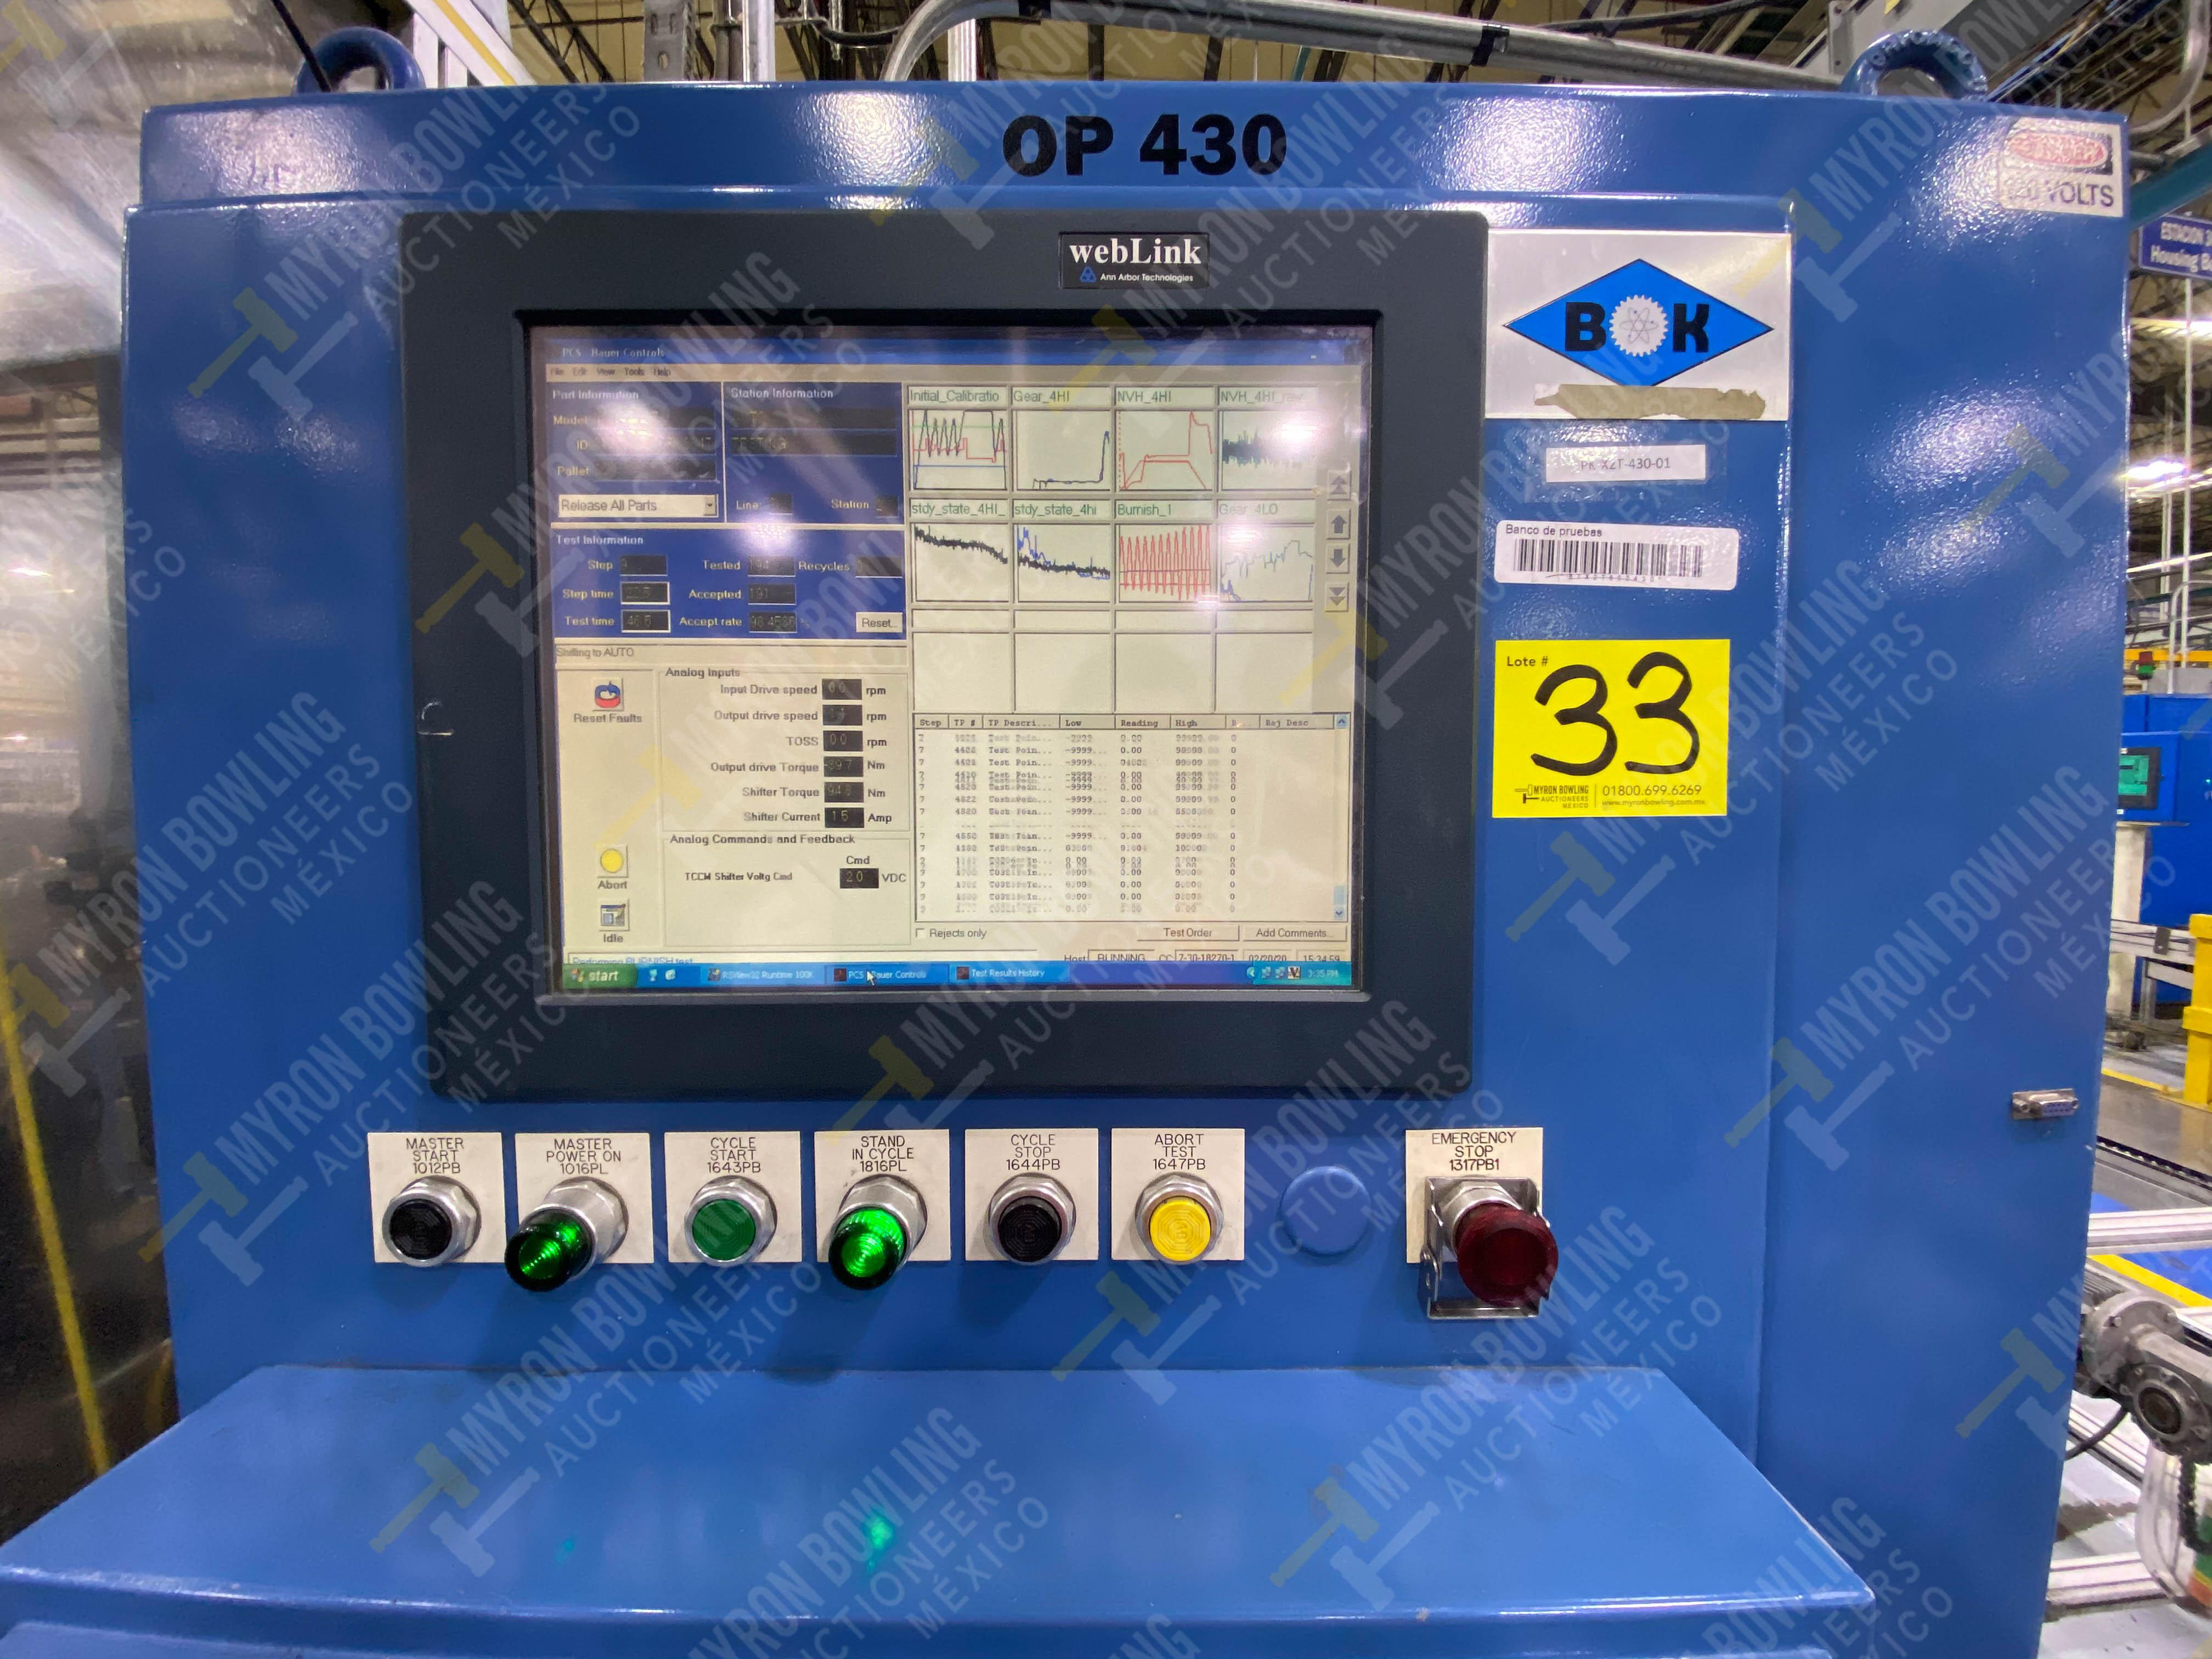 Estación semiautomática para operación 430, contiene: Máquina dinamómetro con sistema de revolución - Image 31 of 32